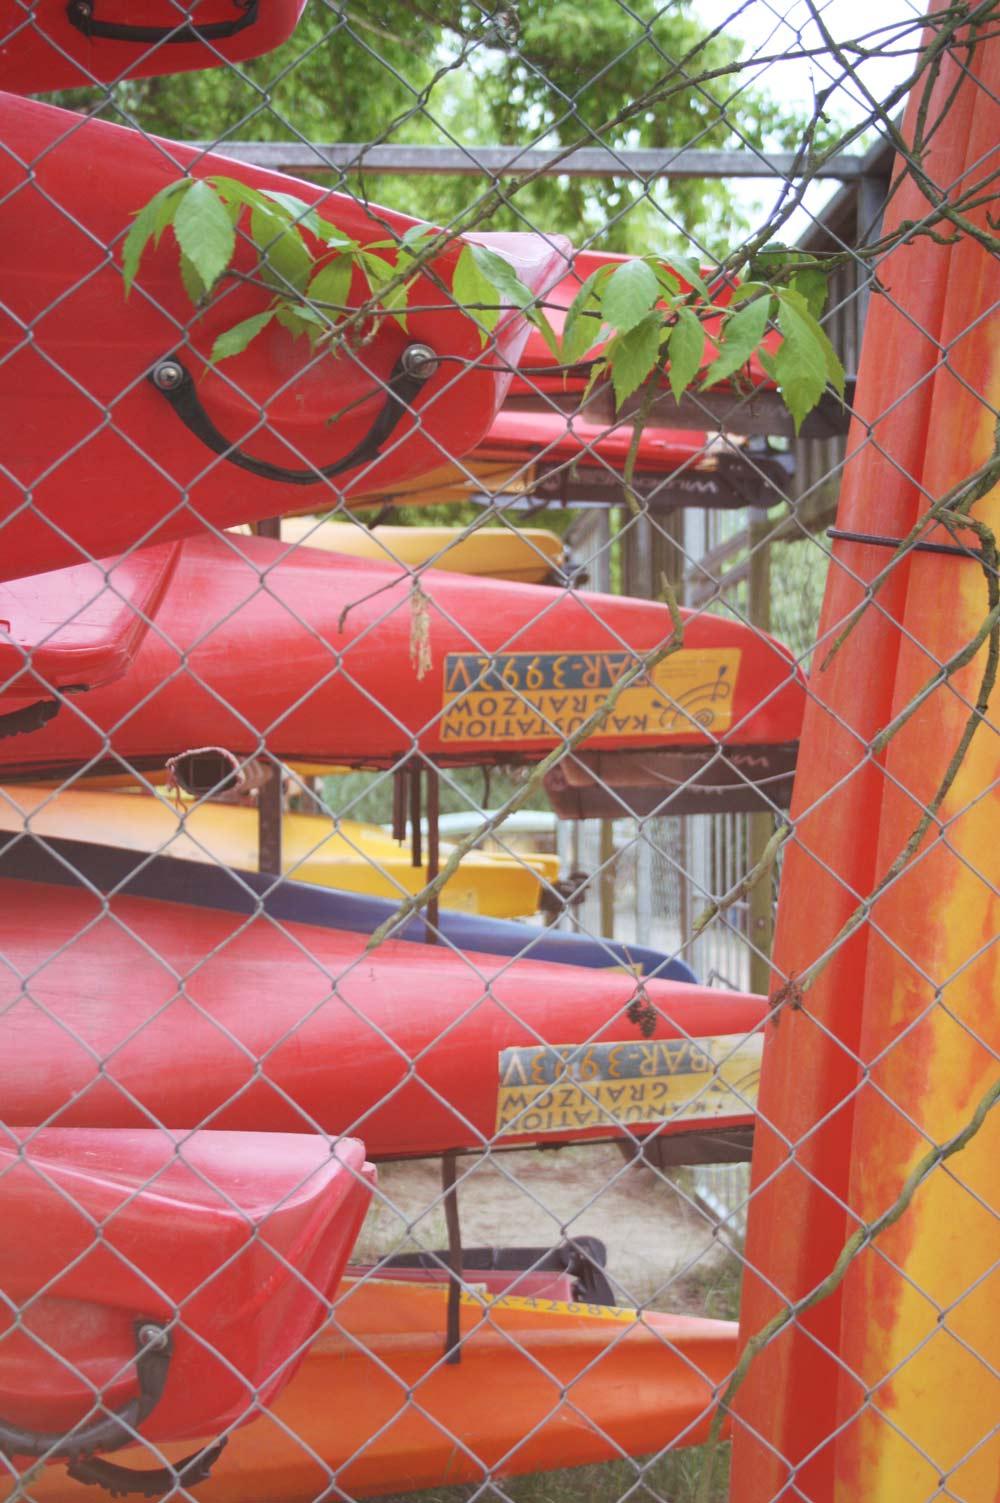 ferienpark-mirow-urlaub-wellness-entspannung-wochenende-mv-blog-blogger-turnschuhverliebt_10